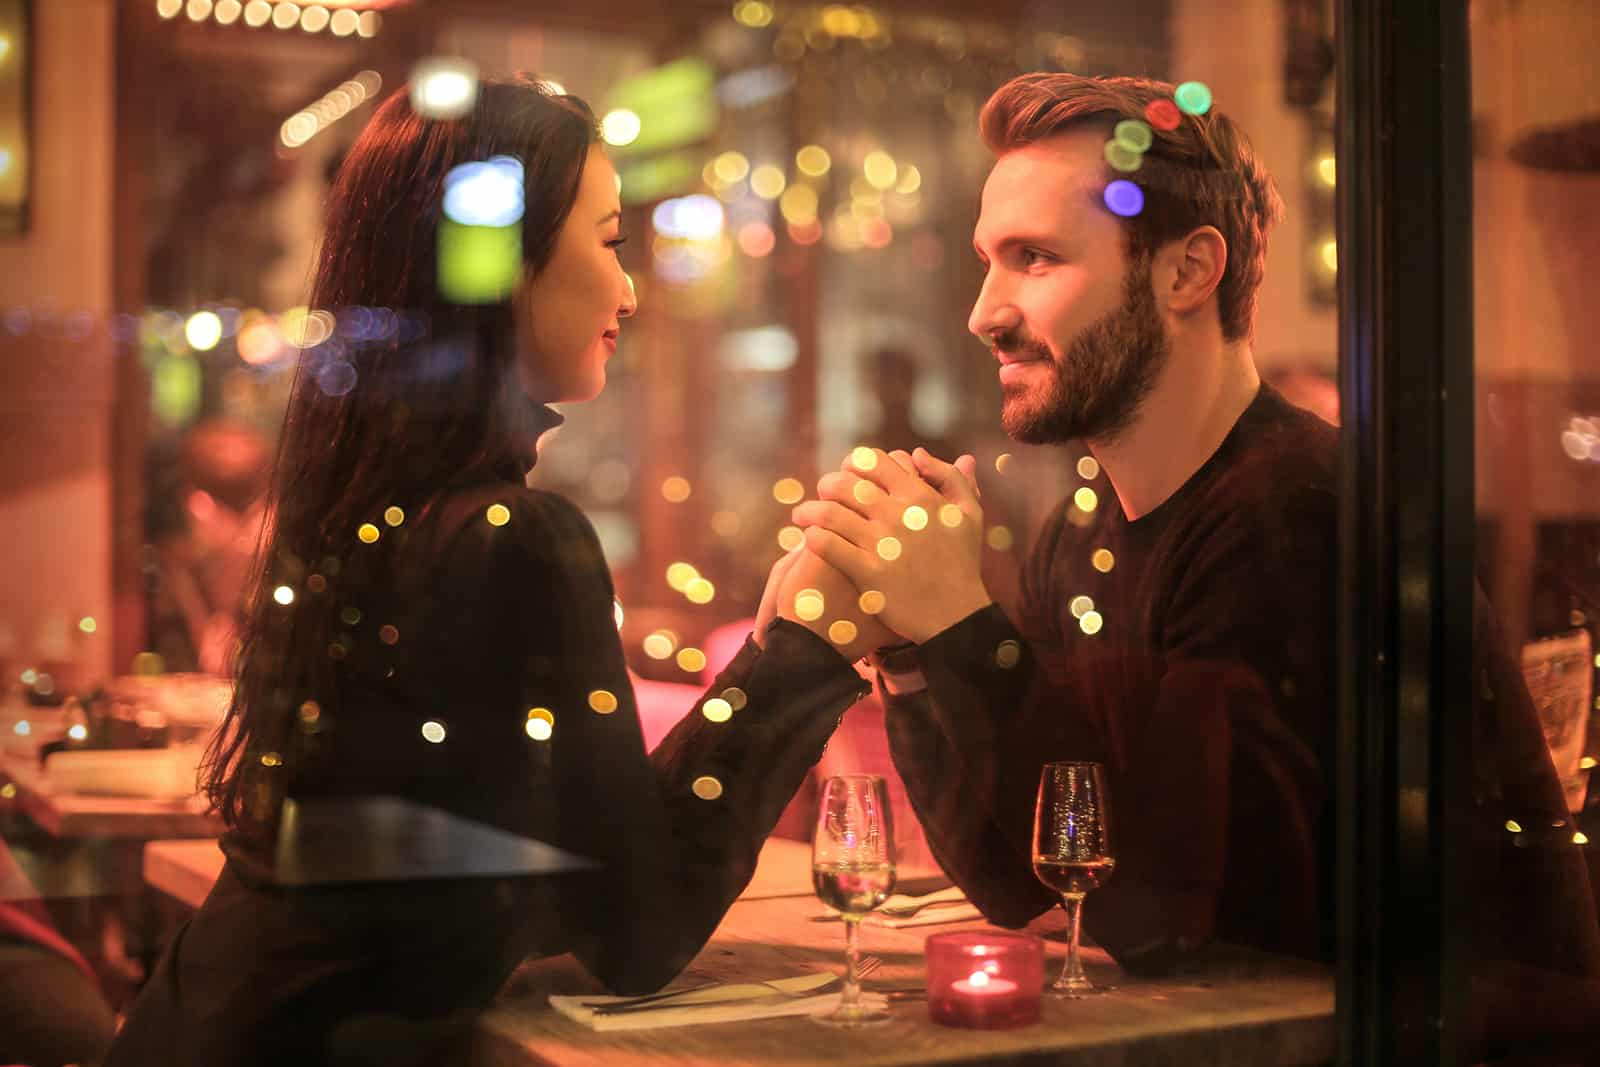 ein Paar Händchen haltend bei einem Date in einem romantischen Restaurant